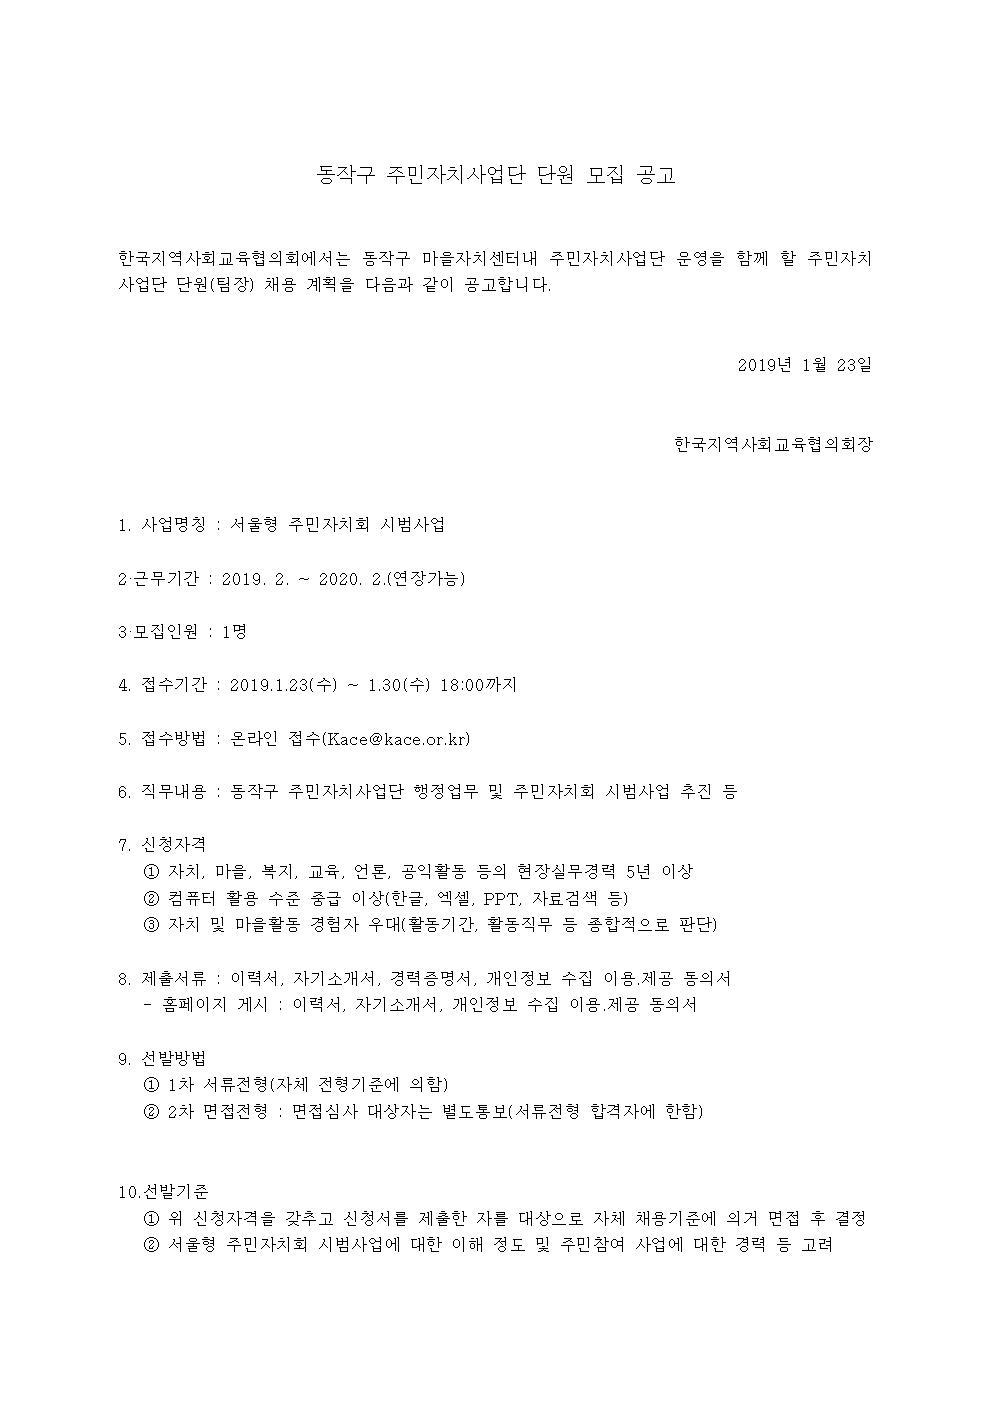 동작구 주민자치사업단 단원 모집공고001.jpg